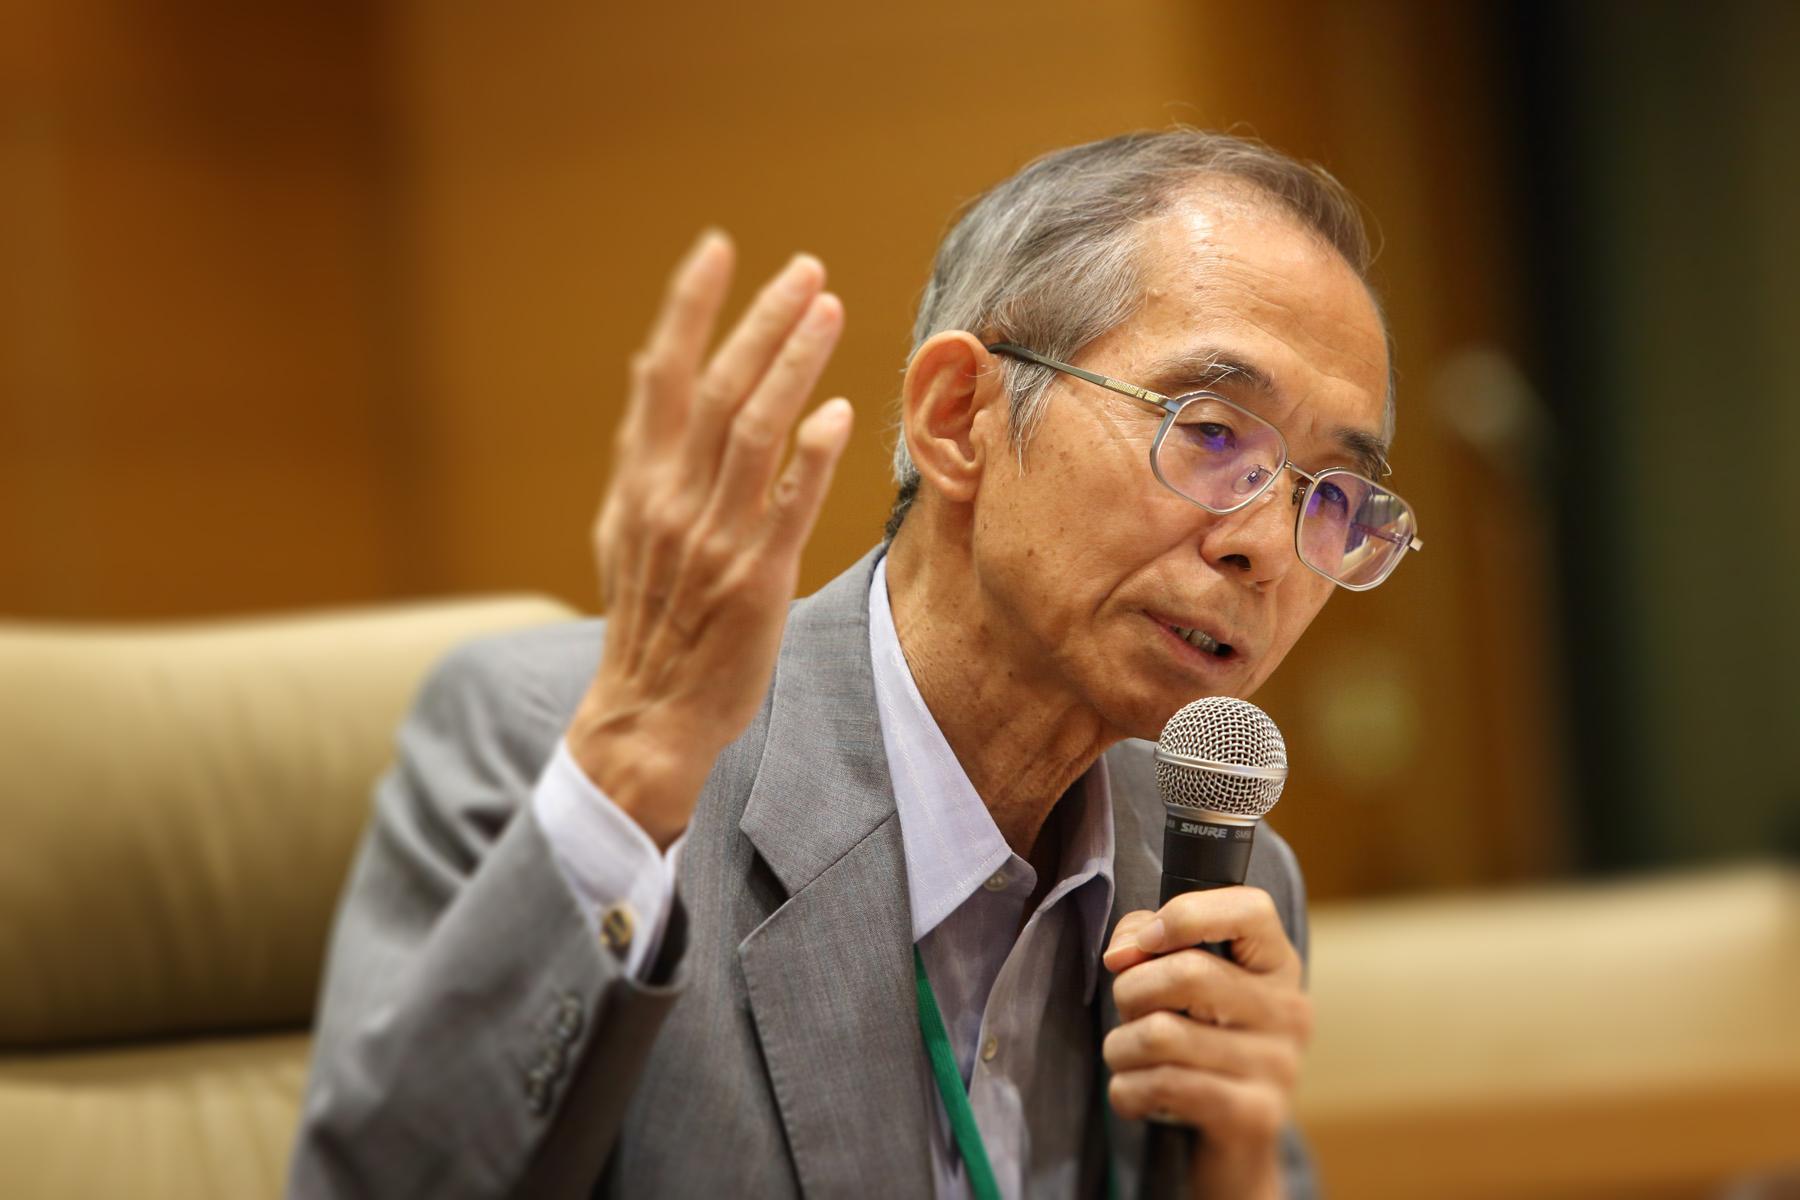 第6回「日本の医療と医薬品等の未来を考える会」リポート